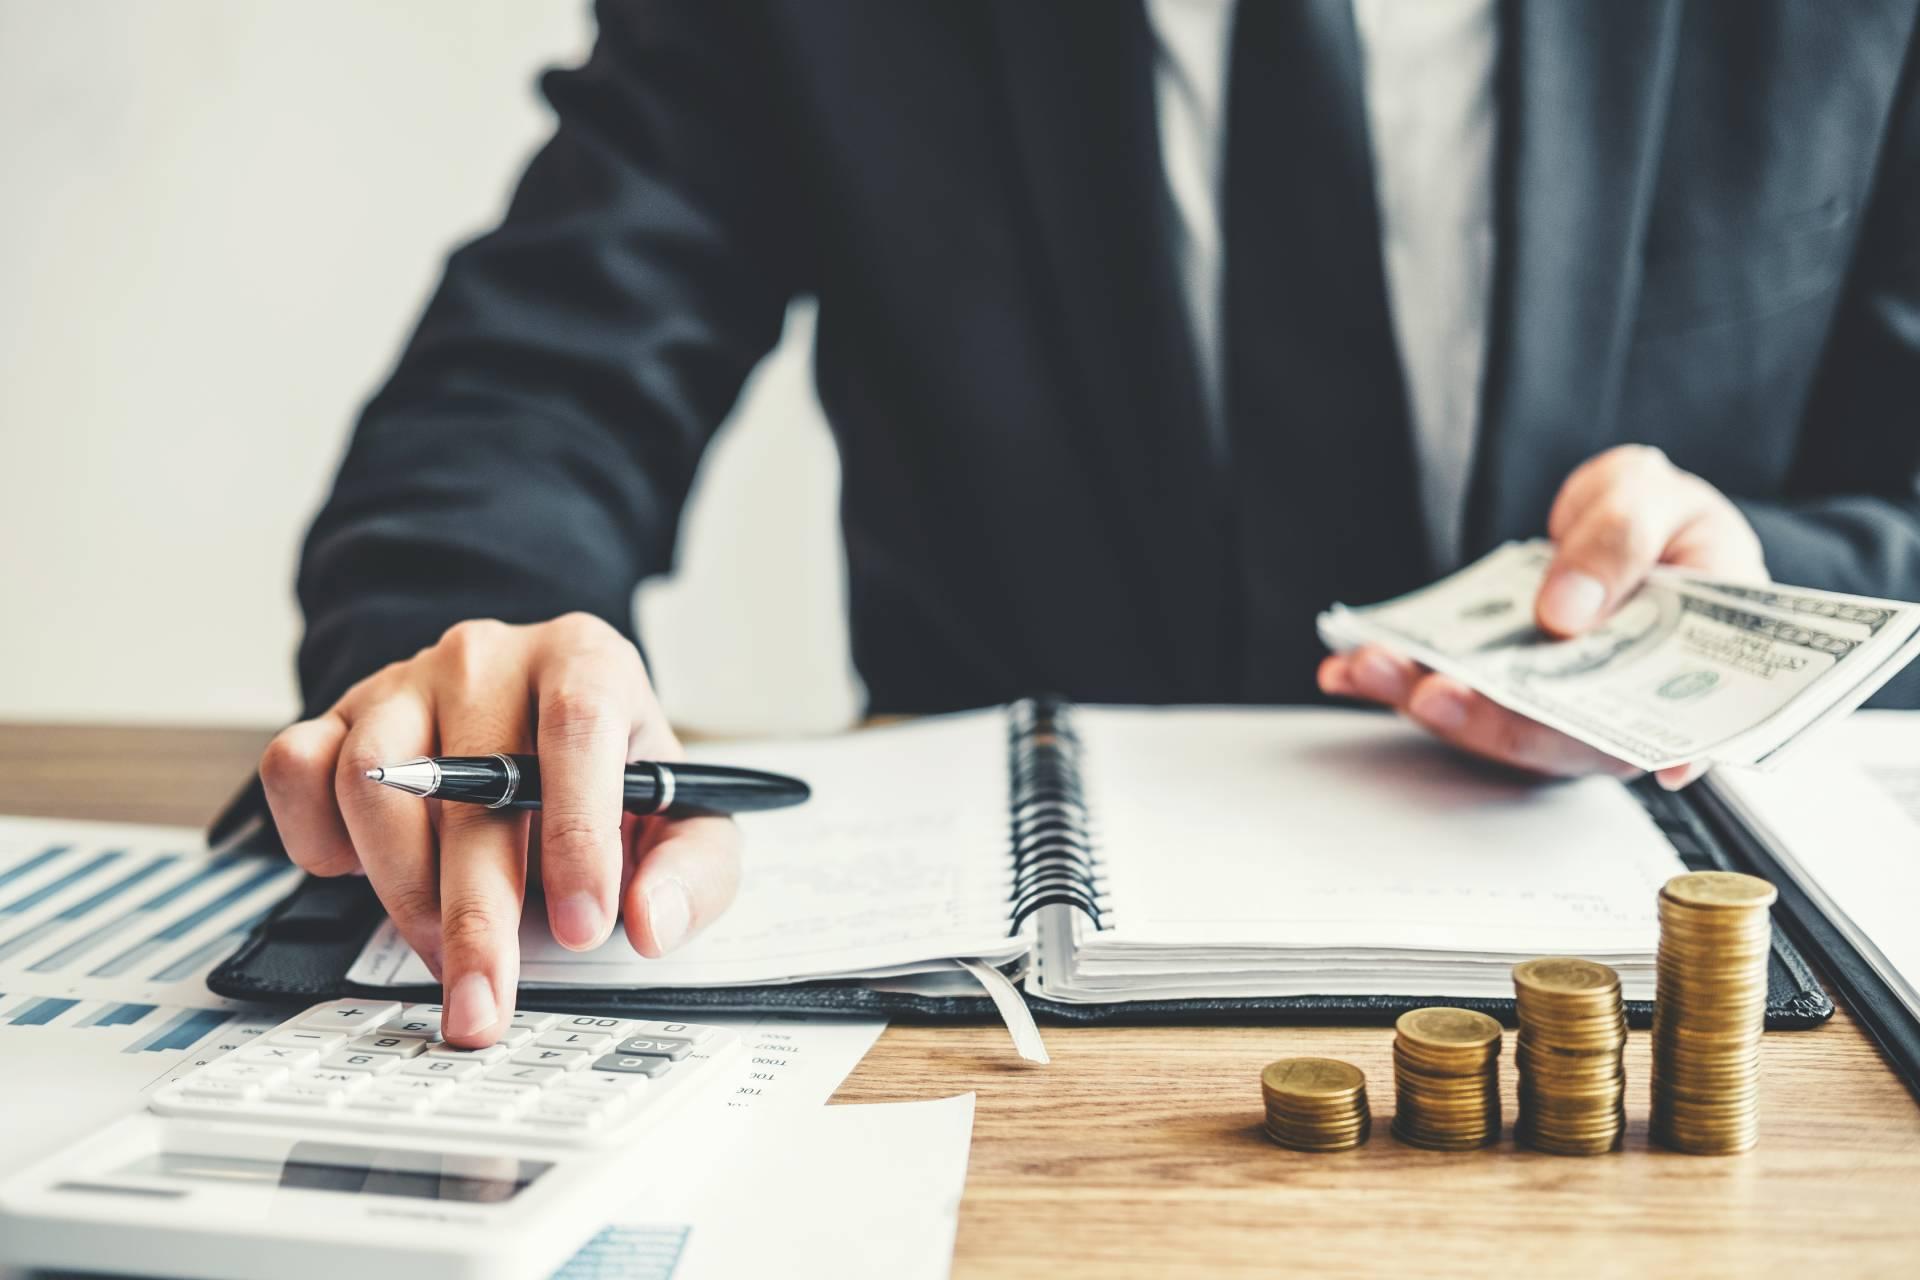 Rozliczenie podatku dochodowego z Nimeiec - Jakie krysteria trzeba spełniać?